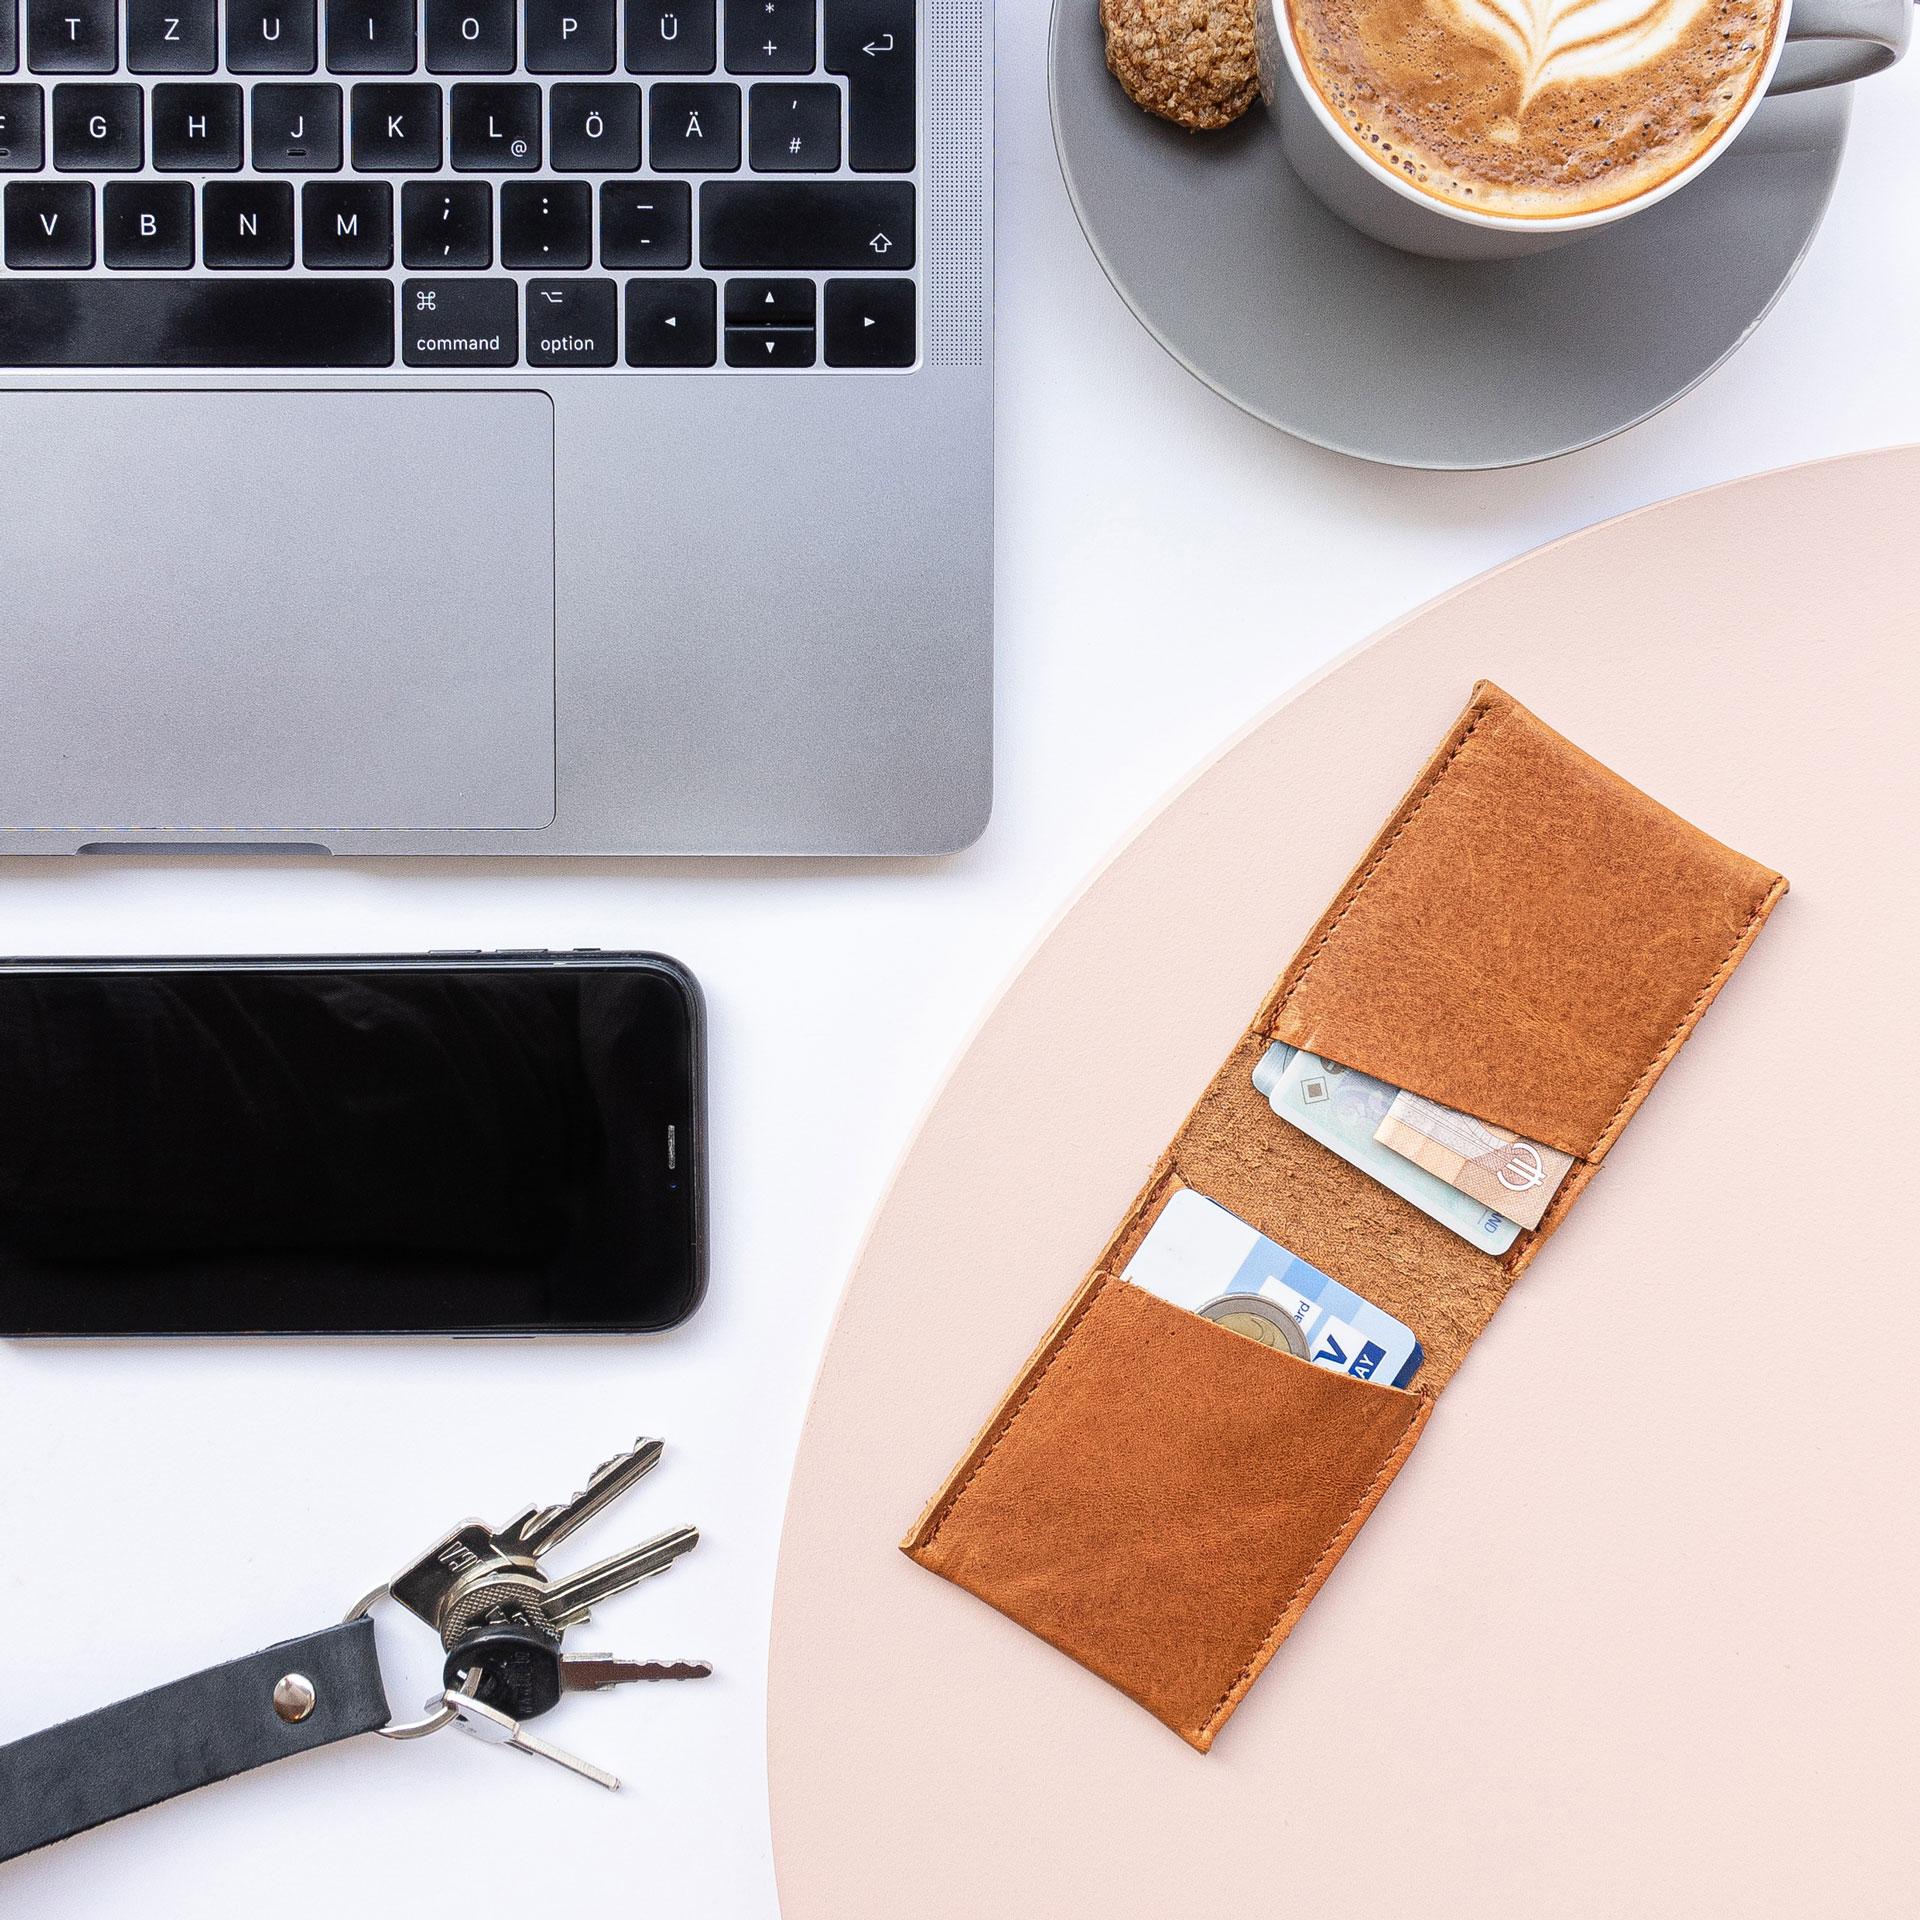 Portemonnaie OLI SMALL geöffnet in Cognac geölt mit Laptop, Kaffeetasse, Handy und Schlüssel